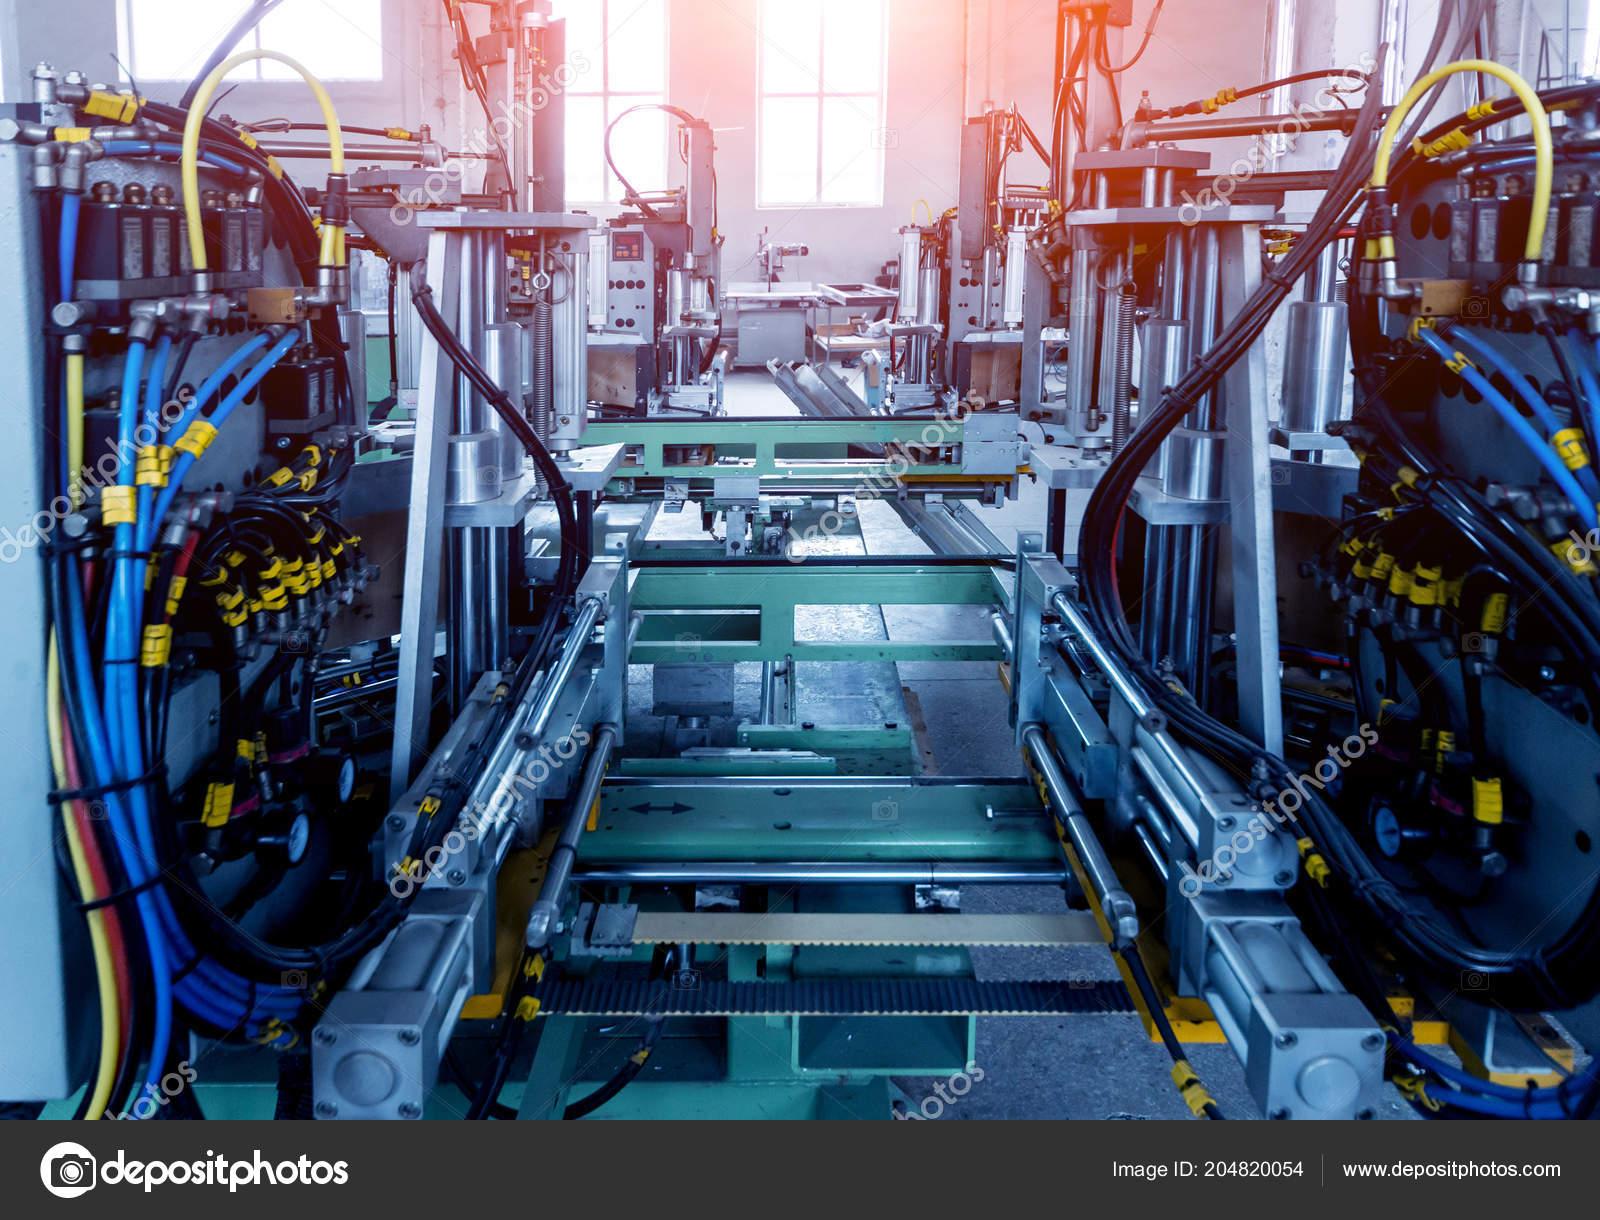 Full Size of Pvc Fenster Maschine Kaufen Online Maschinen Klarsichtfolie Fensterfolie Glasklar Lackieren 1 Mm Reinigen Fabrik Fr Aluminium Und Tren Produktion Holz Alu Fenster Pvc Fenster